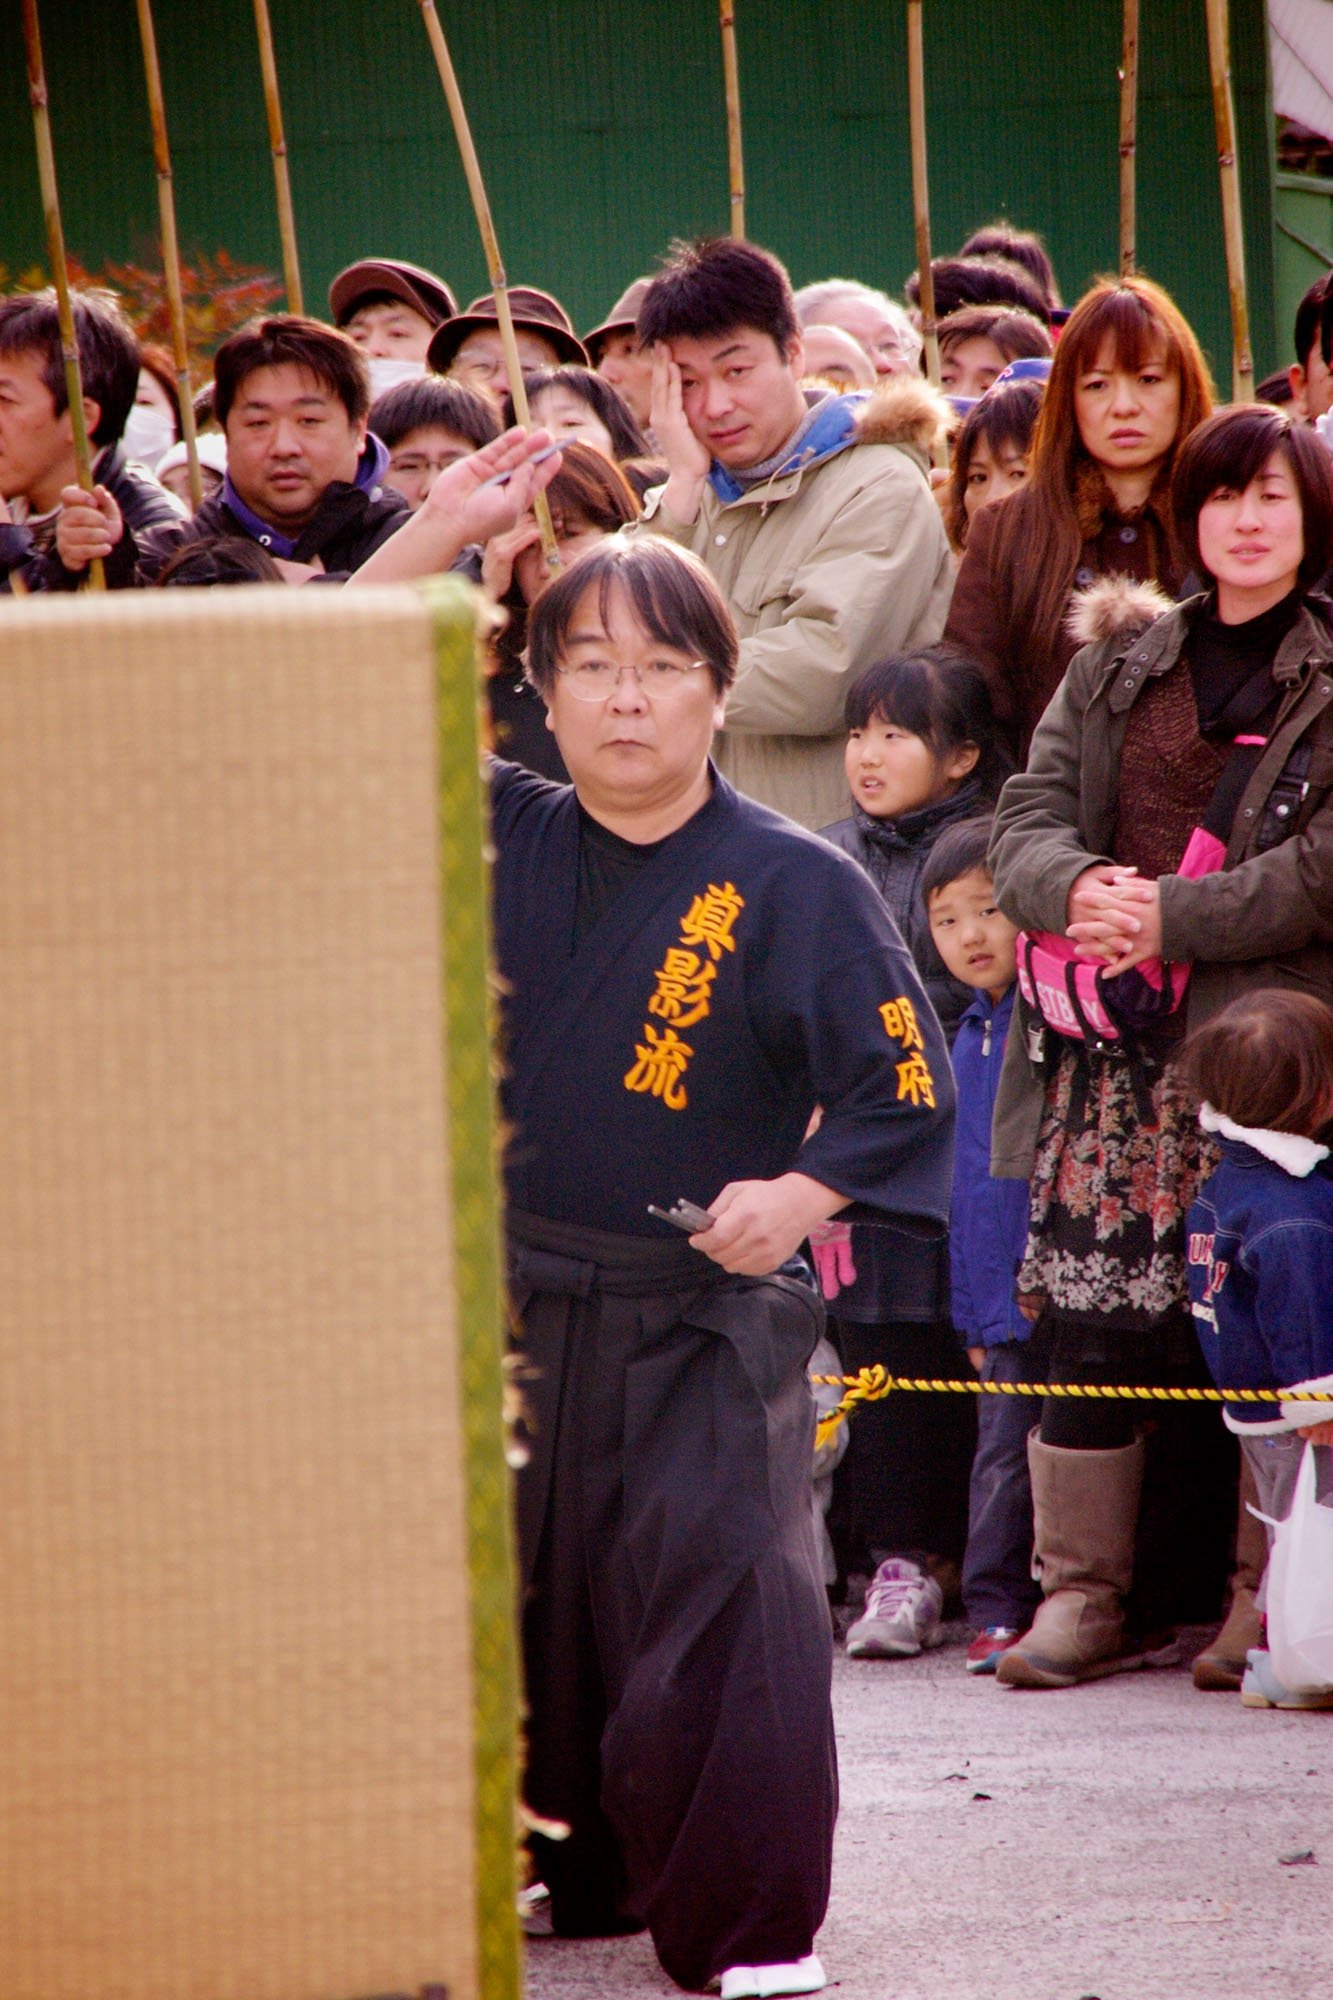 A046 手裏剣投げ 奥沢 浩 琴平神社 2012/01/15